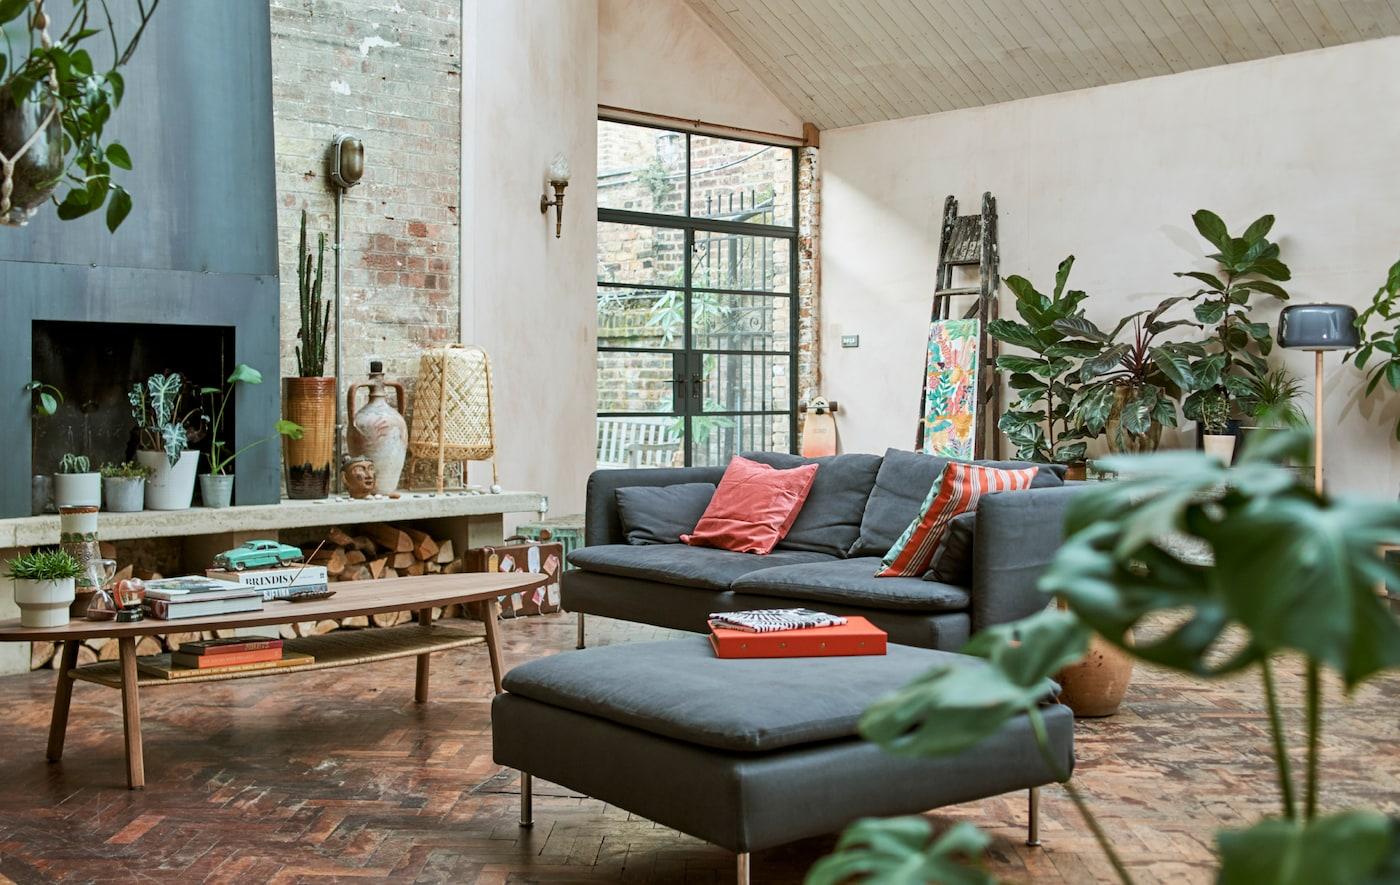 غرفةجلوسعلى طراز المستودعات بهاجدران من الطوب،ومدفأة،وأرضية باركيهخشبية، وكنبةزرقاء،ومسند أقدام،وطاولة قهوة ونباتات.